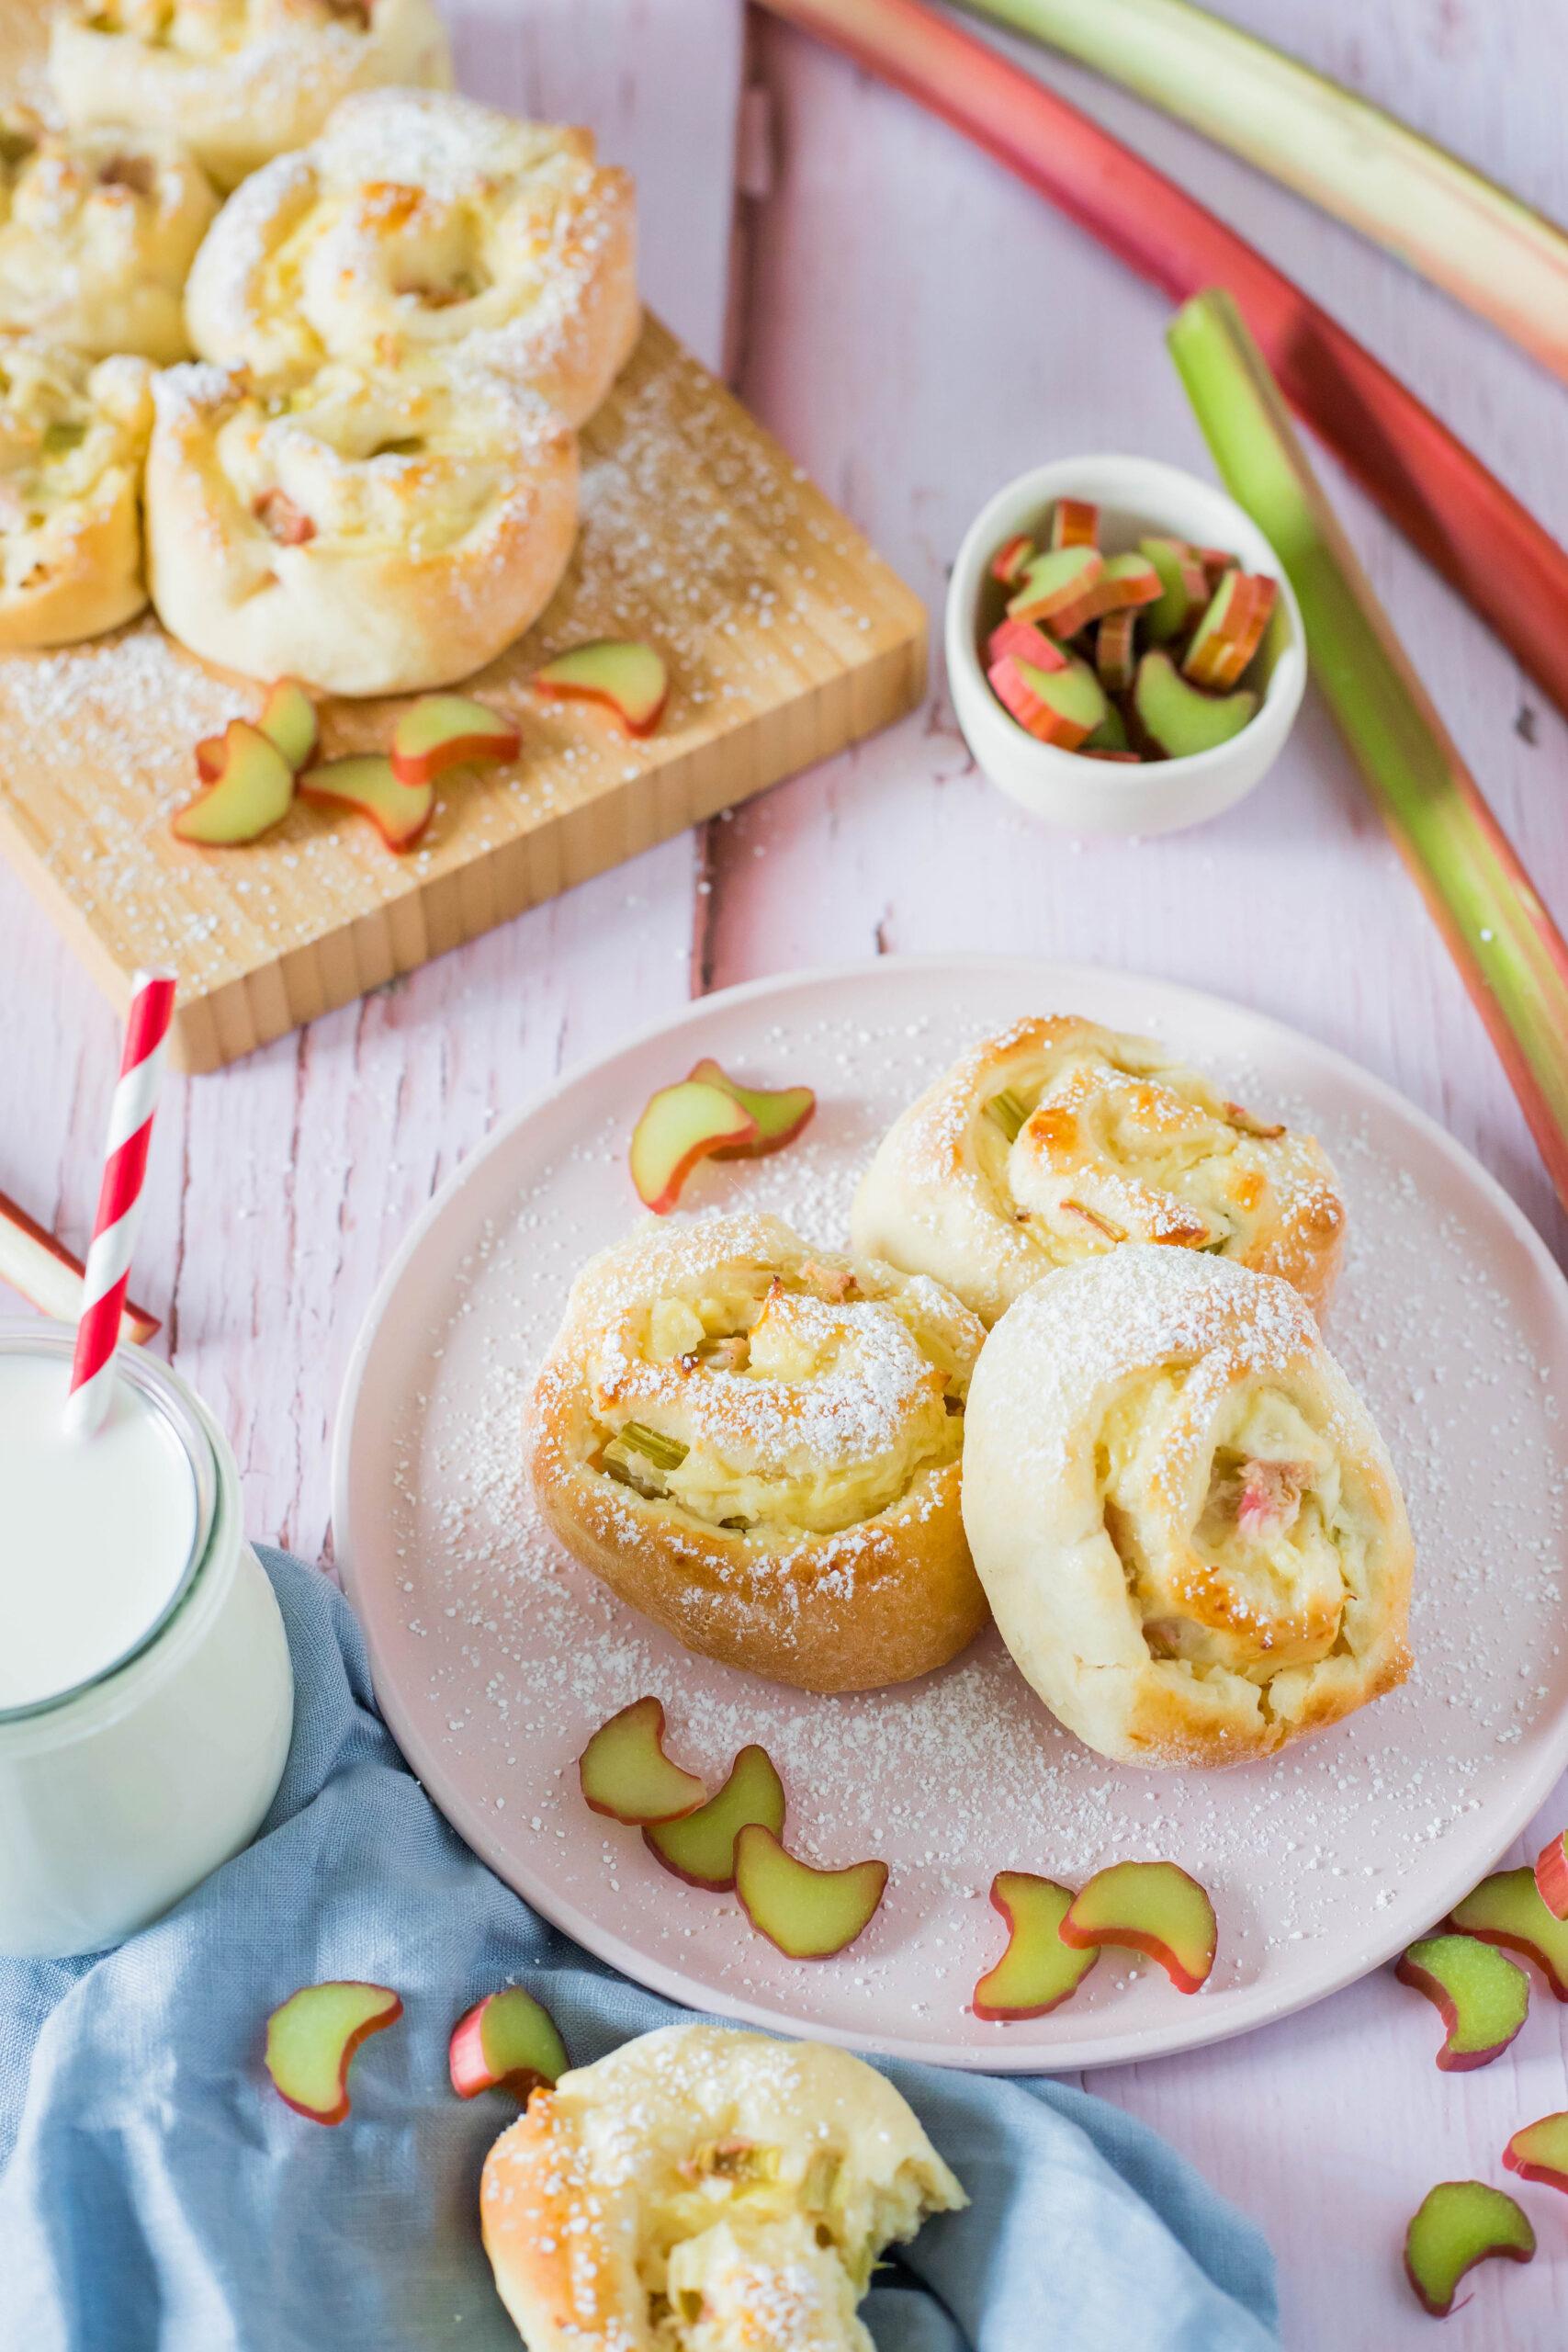 Fluffig weich und lecker: Puddingschnecken mit Rhabarberfüllung